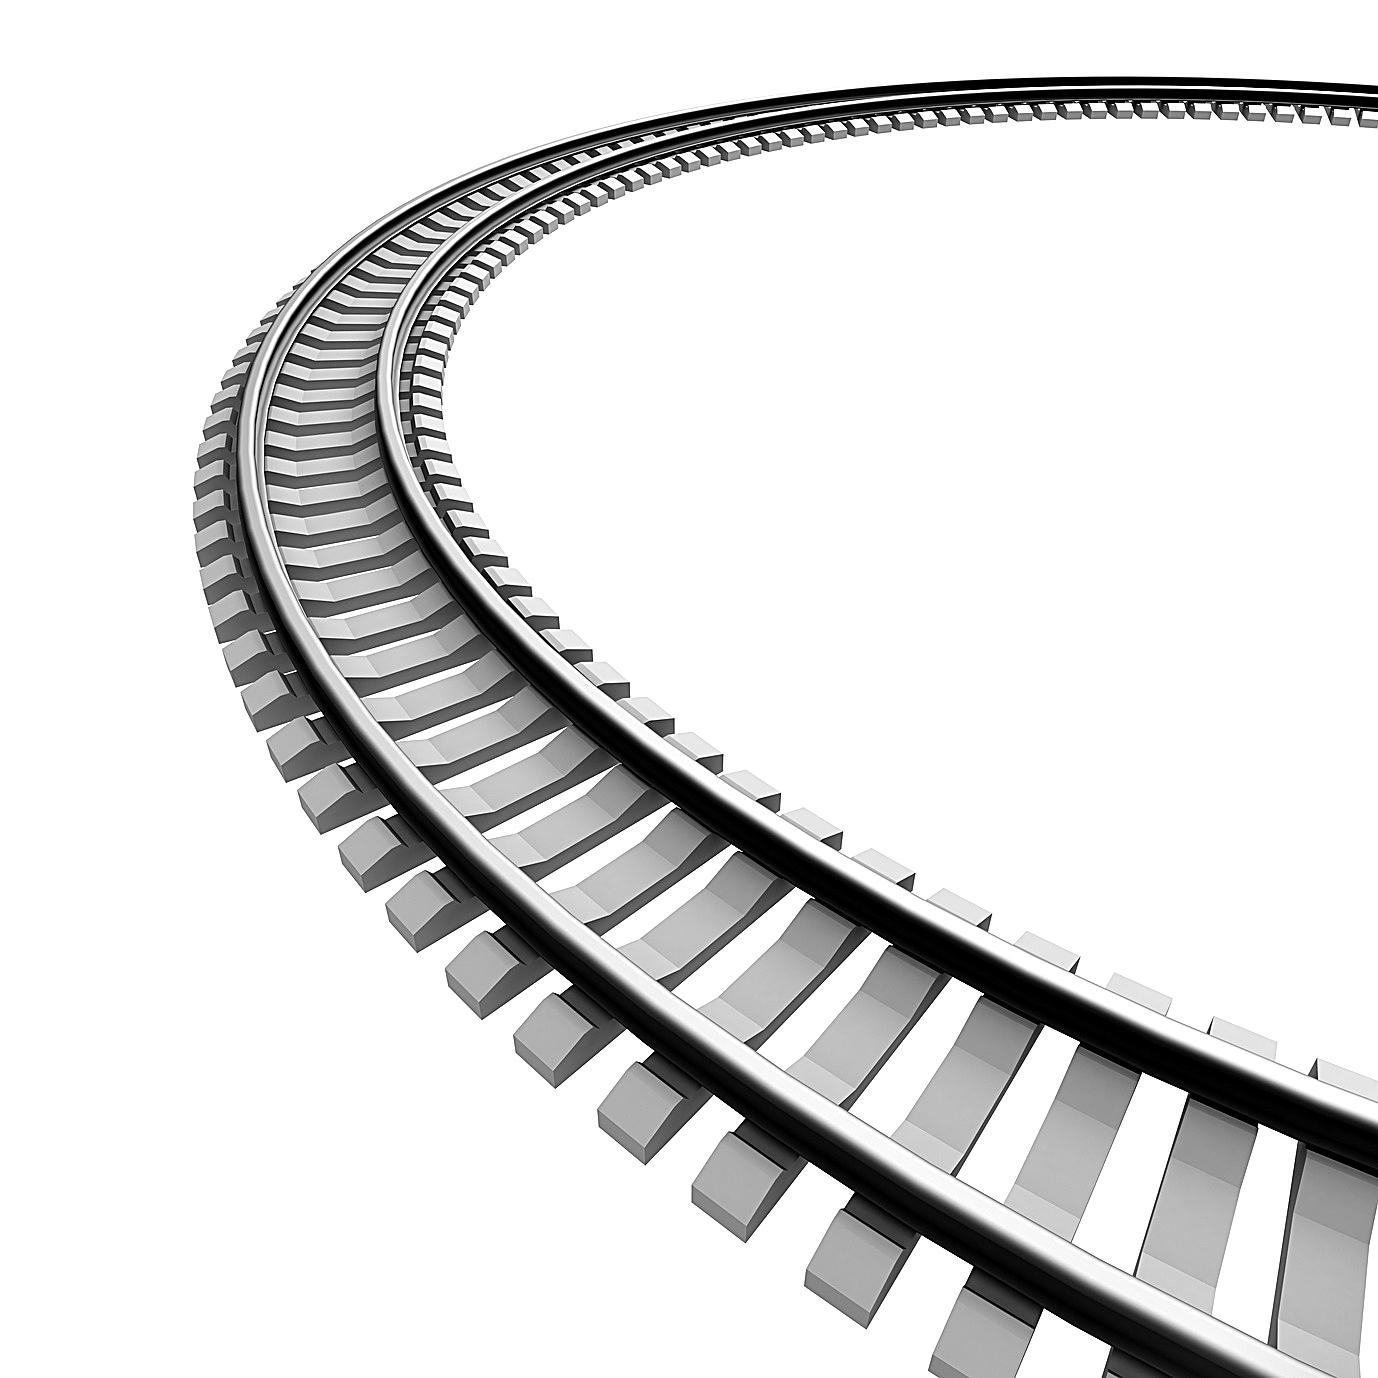 железная дорога картинка пнг торг предоставляет